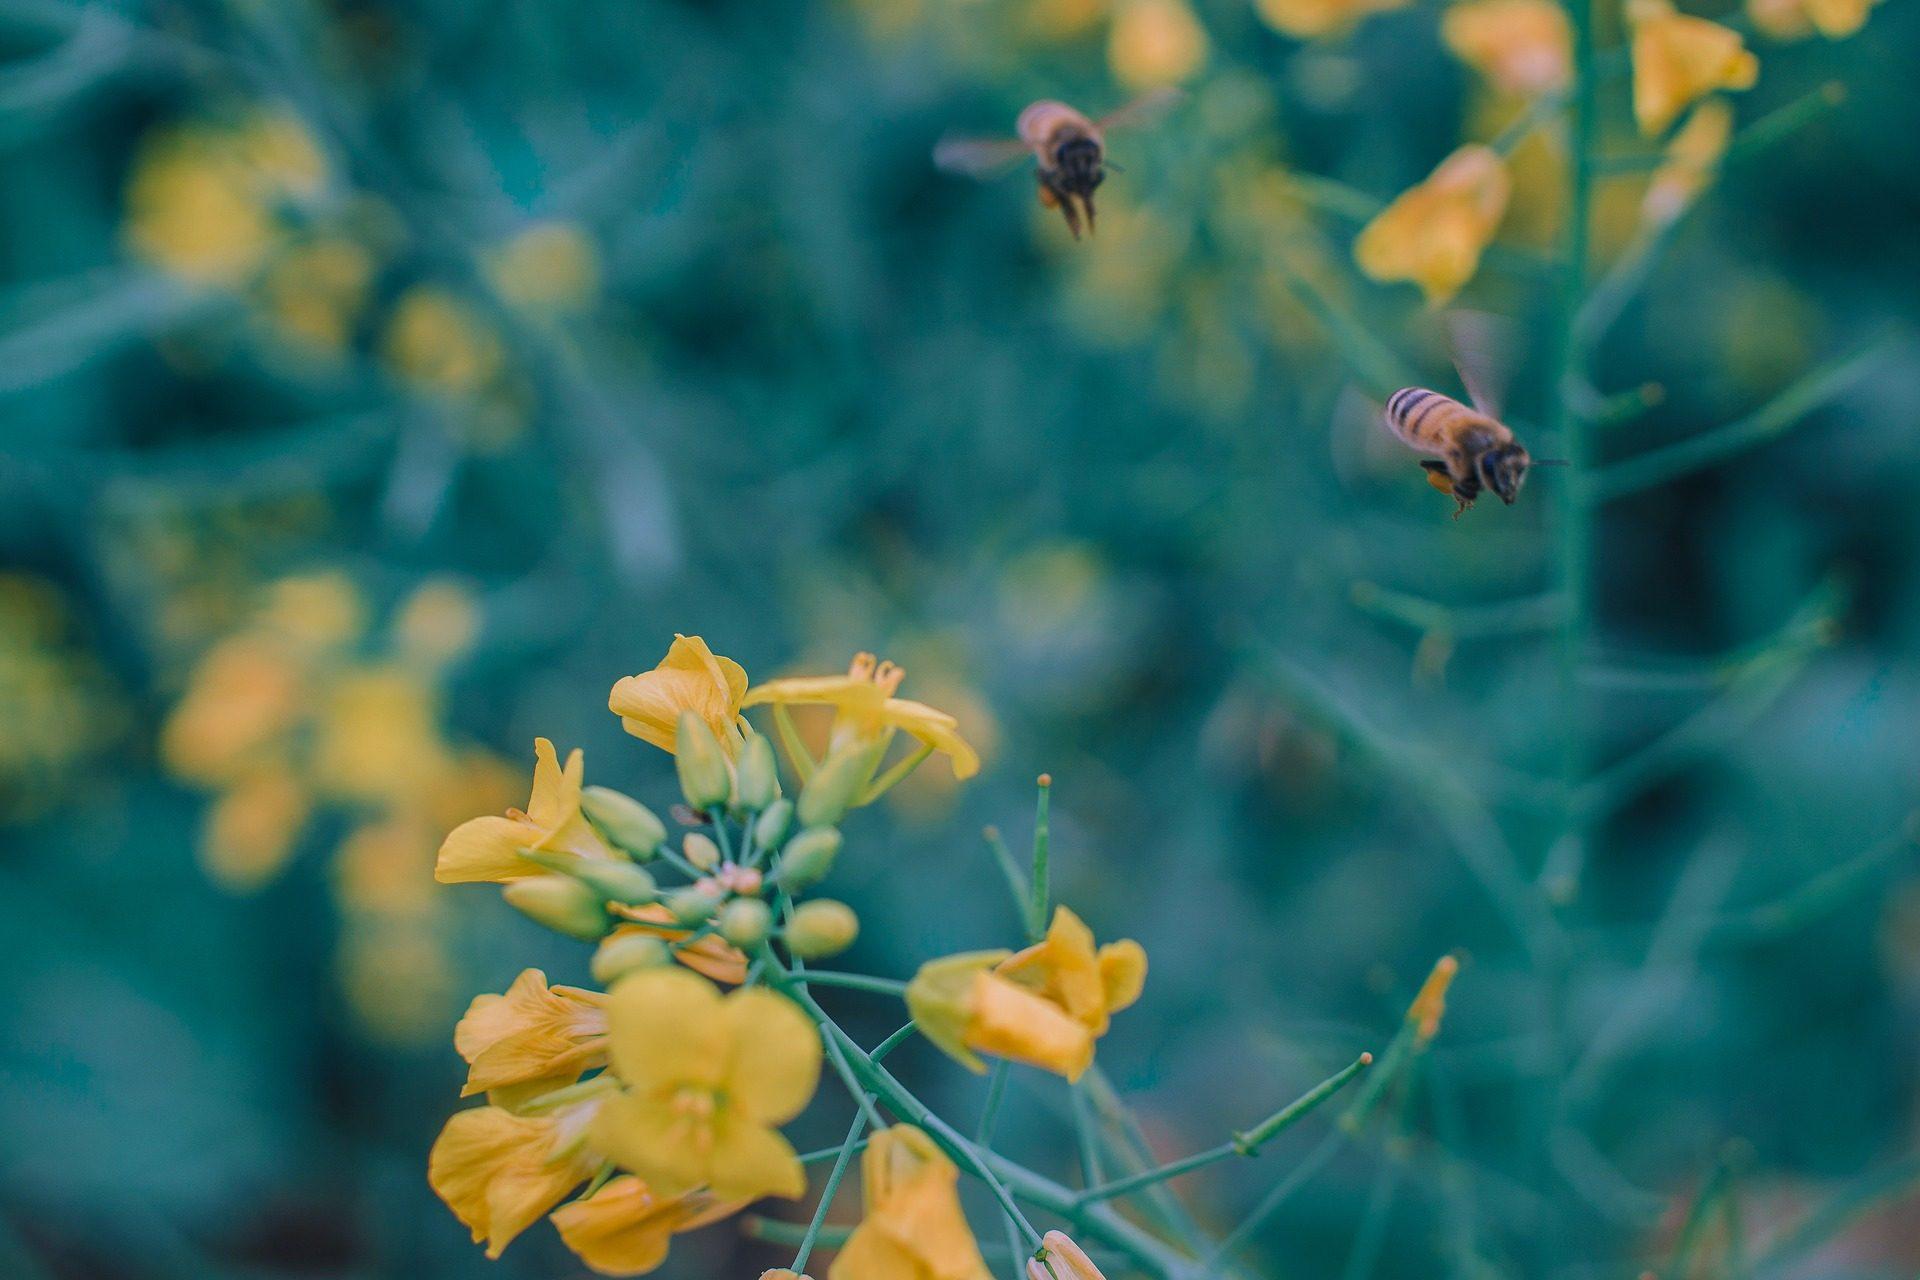 蜜蜂, 花, 植物, 授粉, 关于 - 高清壁纸 - 教授-falken.com